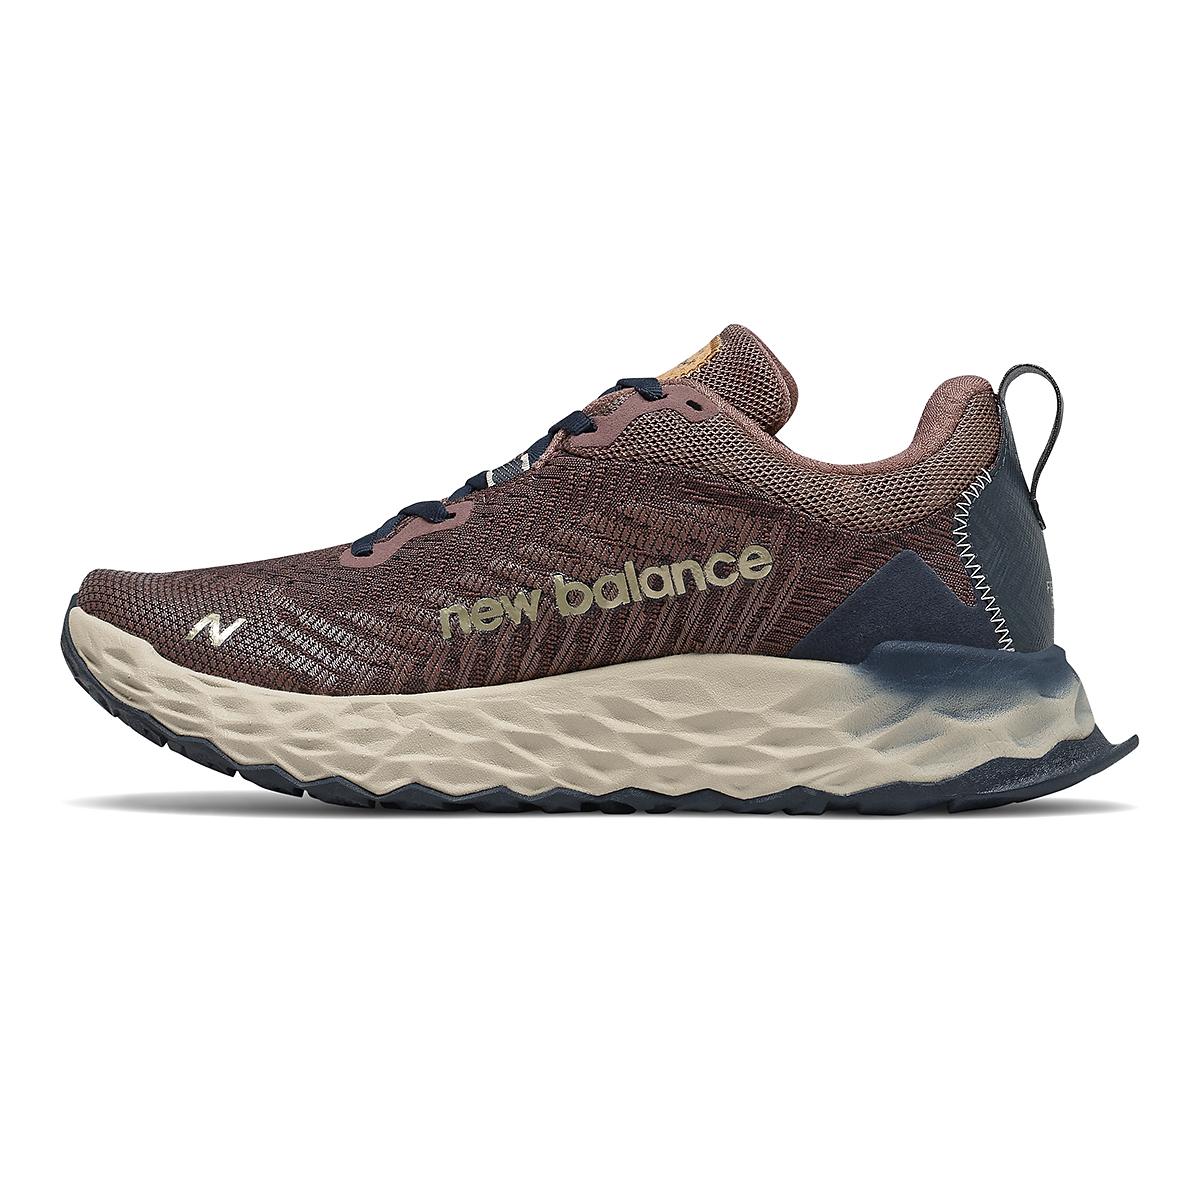 Women's New Balance Hierro V6 Trail Running Shoe - Color: Black Fig - Size: 5 - Width: Regular, Black Fig, large, image 2